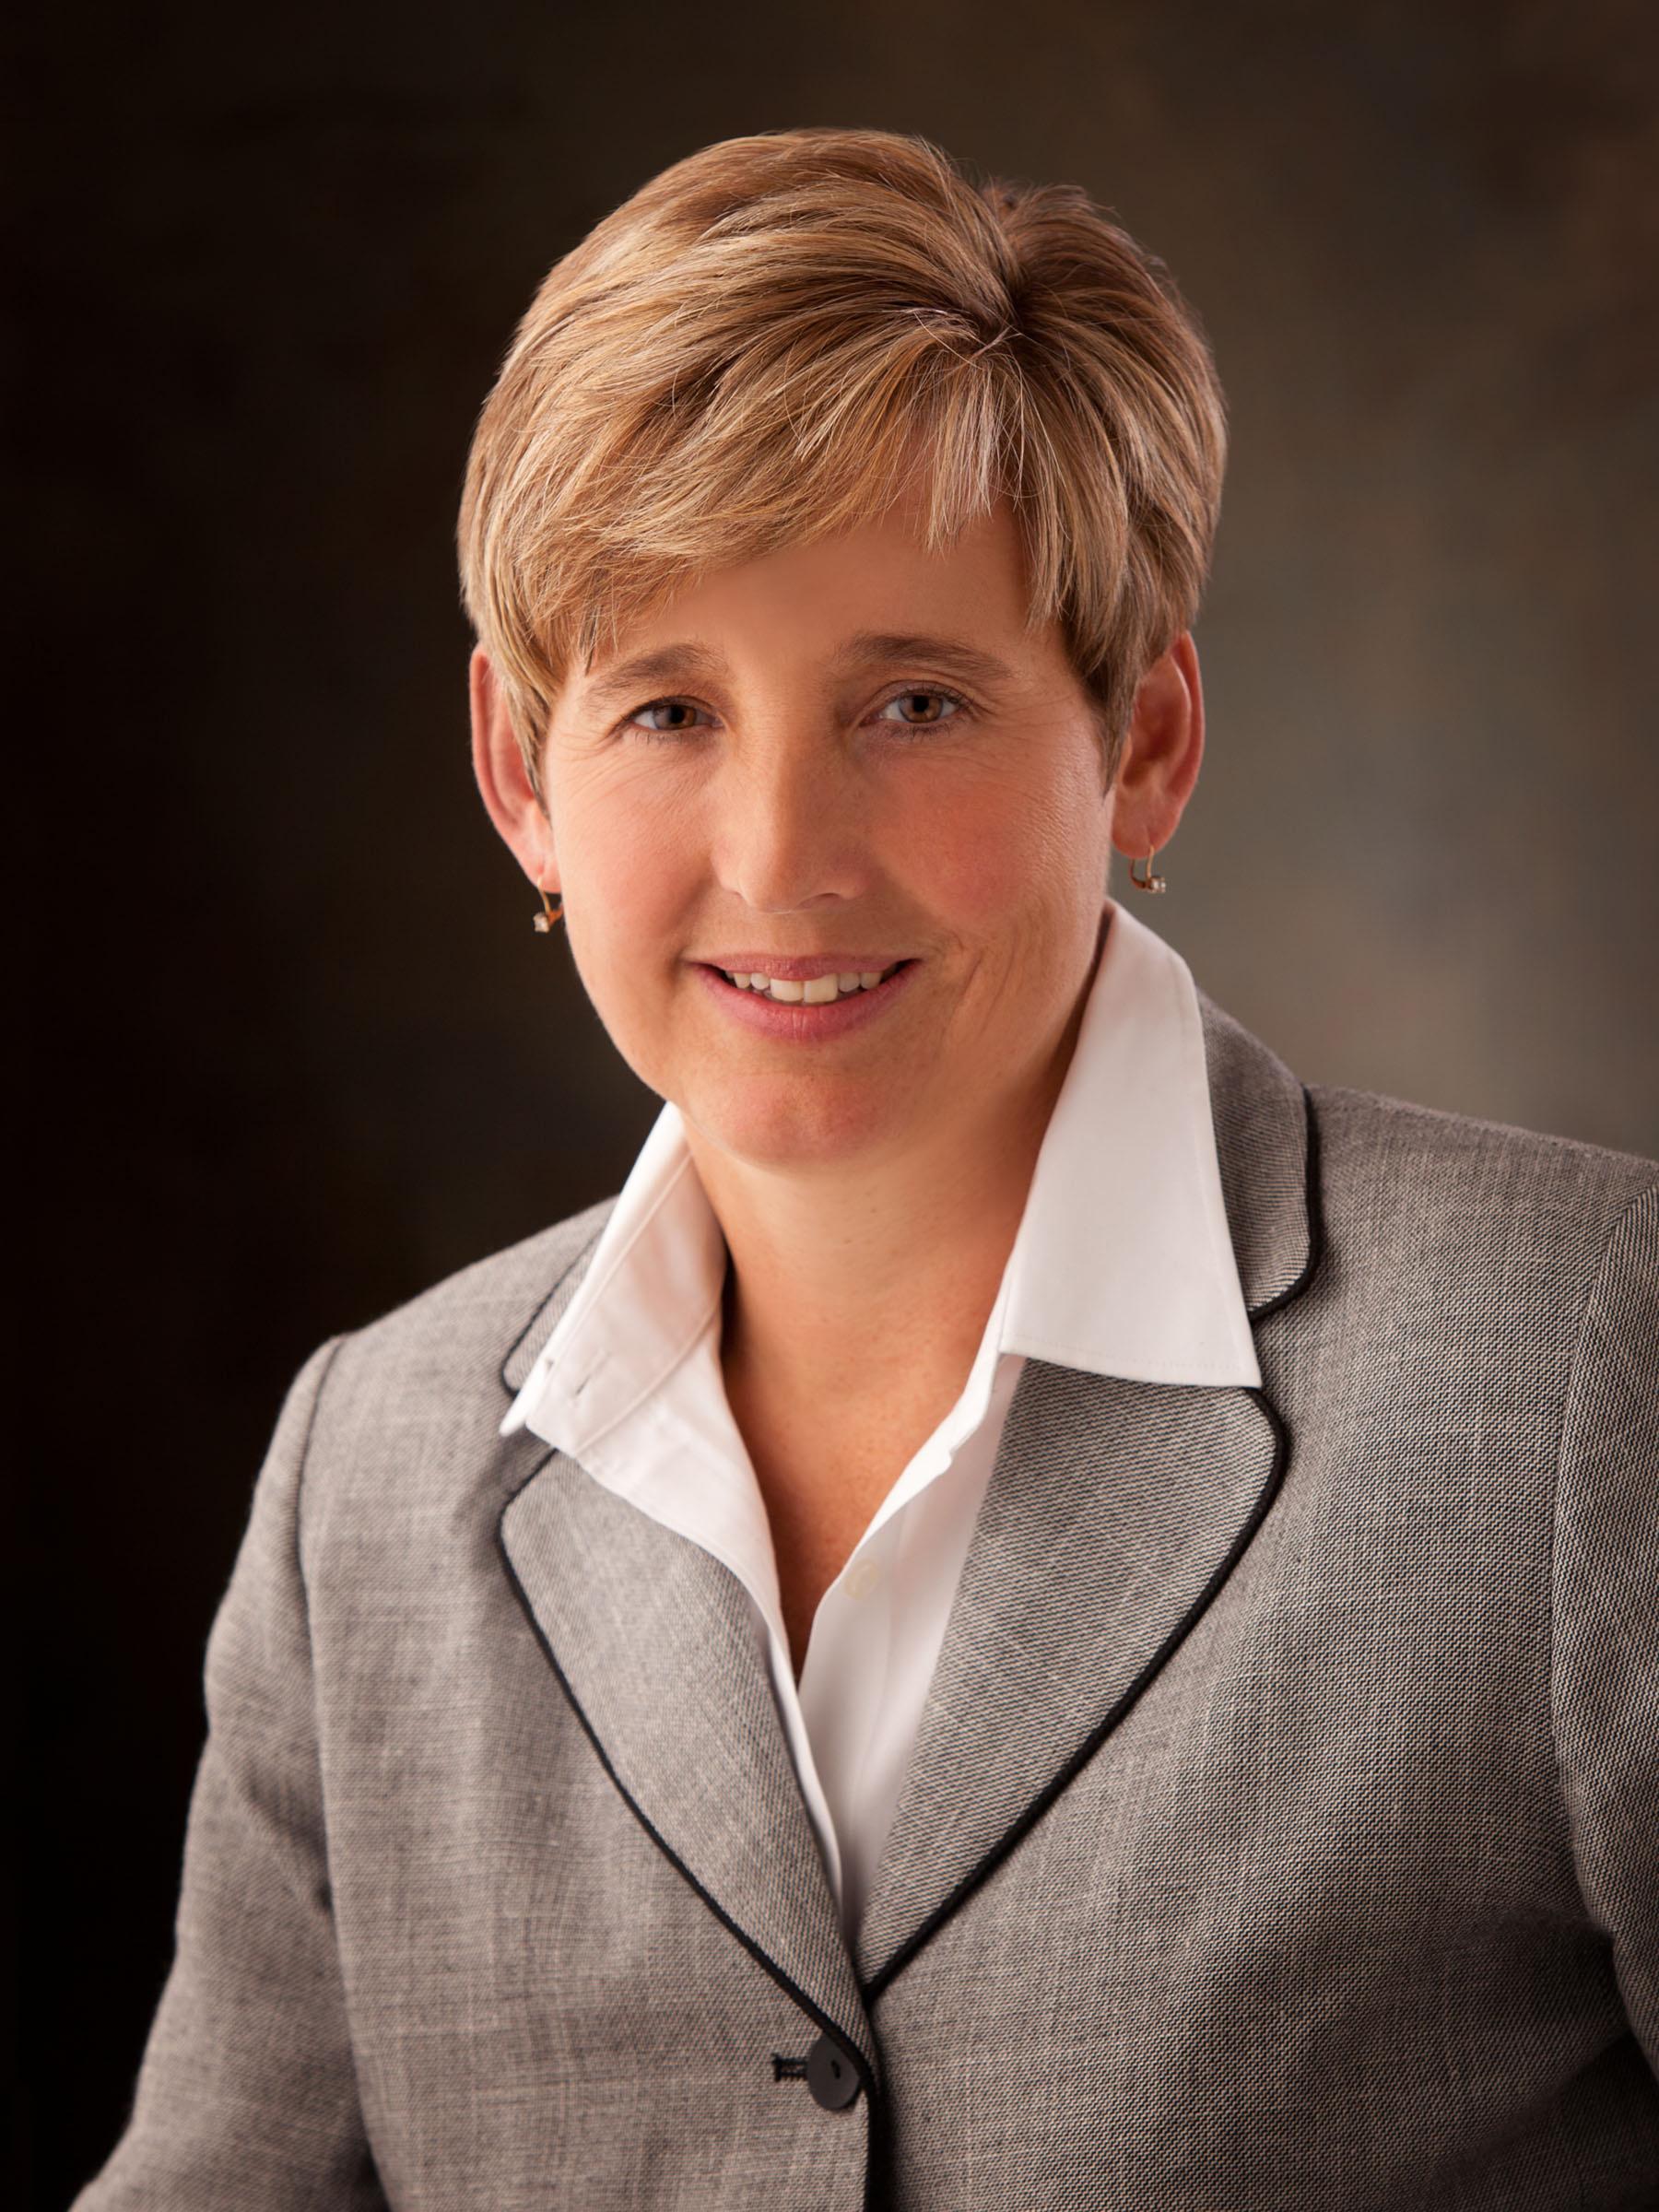 Natalie Gochnour, associate dean of the David Eccles School of Business.